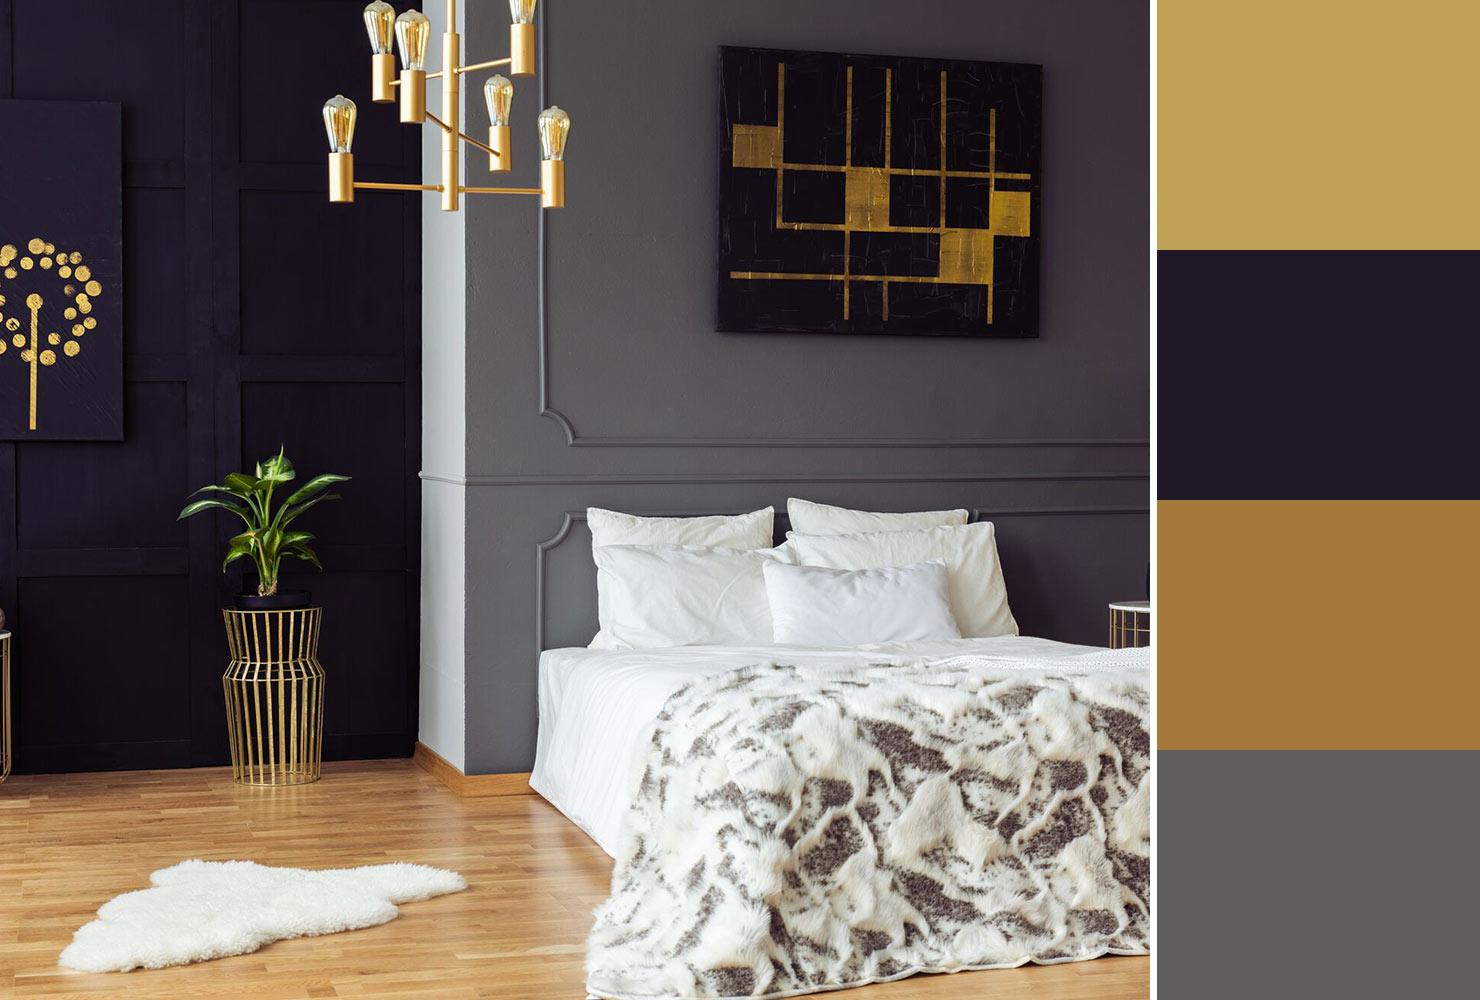 Farebné kombinácie - inšpirácie do interiéru - Obrázok č. 33